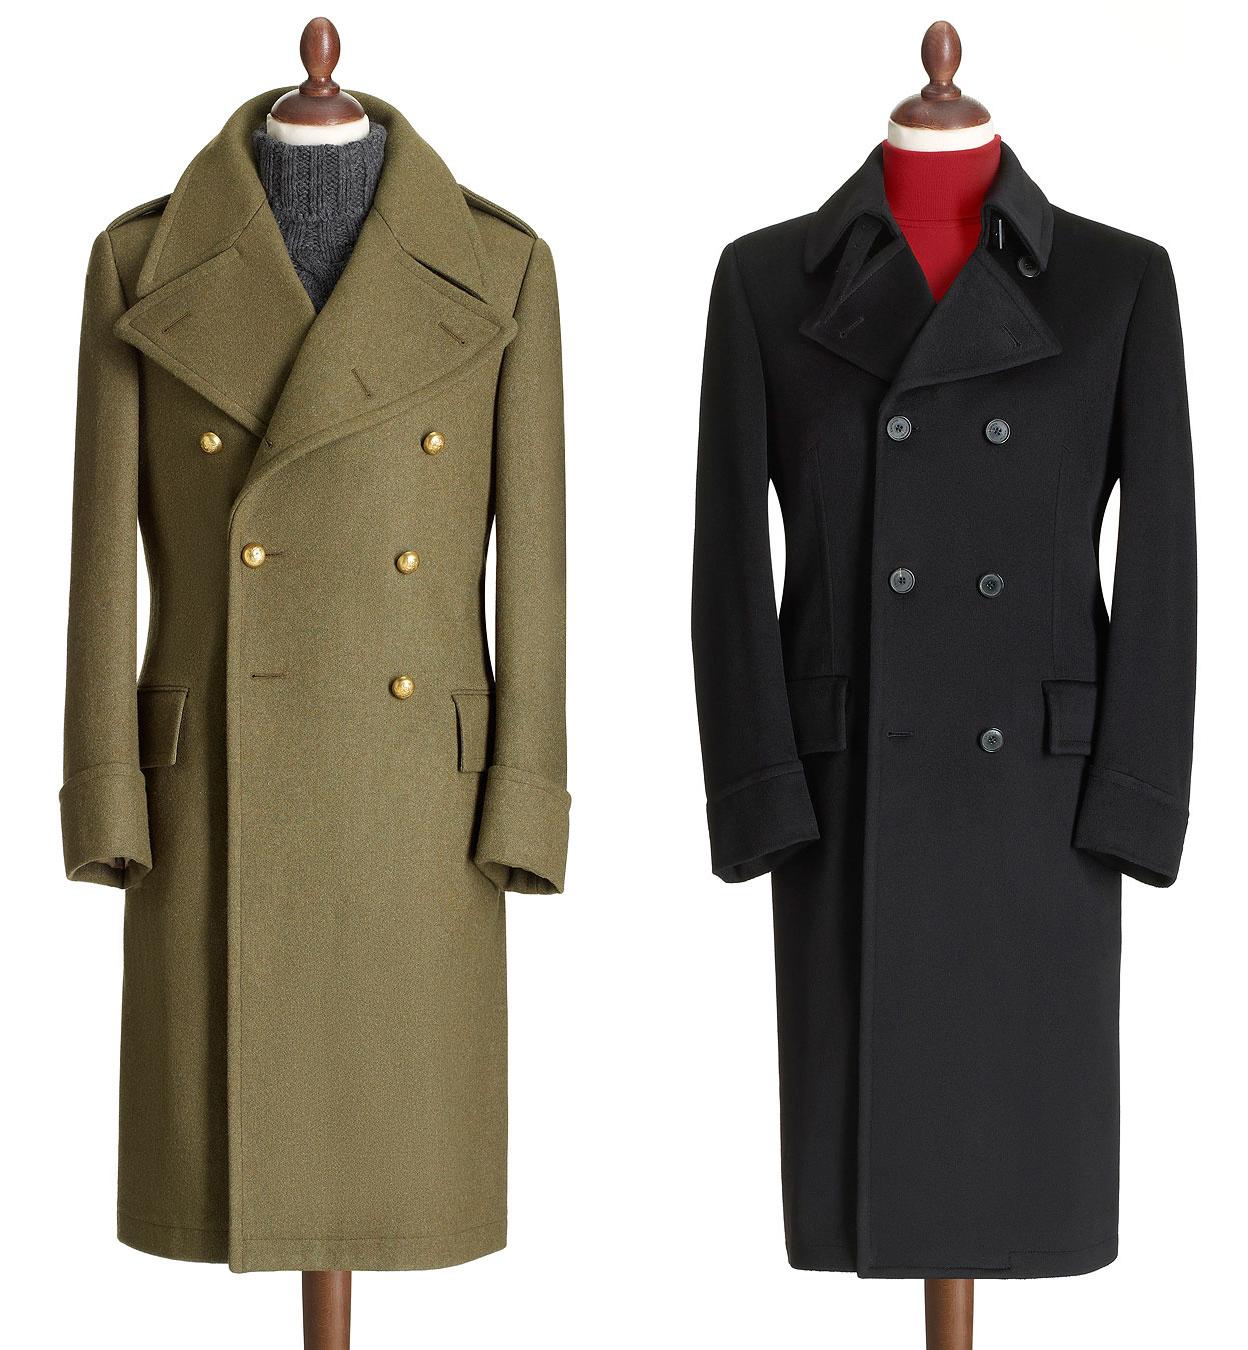 Męskie kurtki i płaszcze kompendium | Dandycore